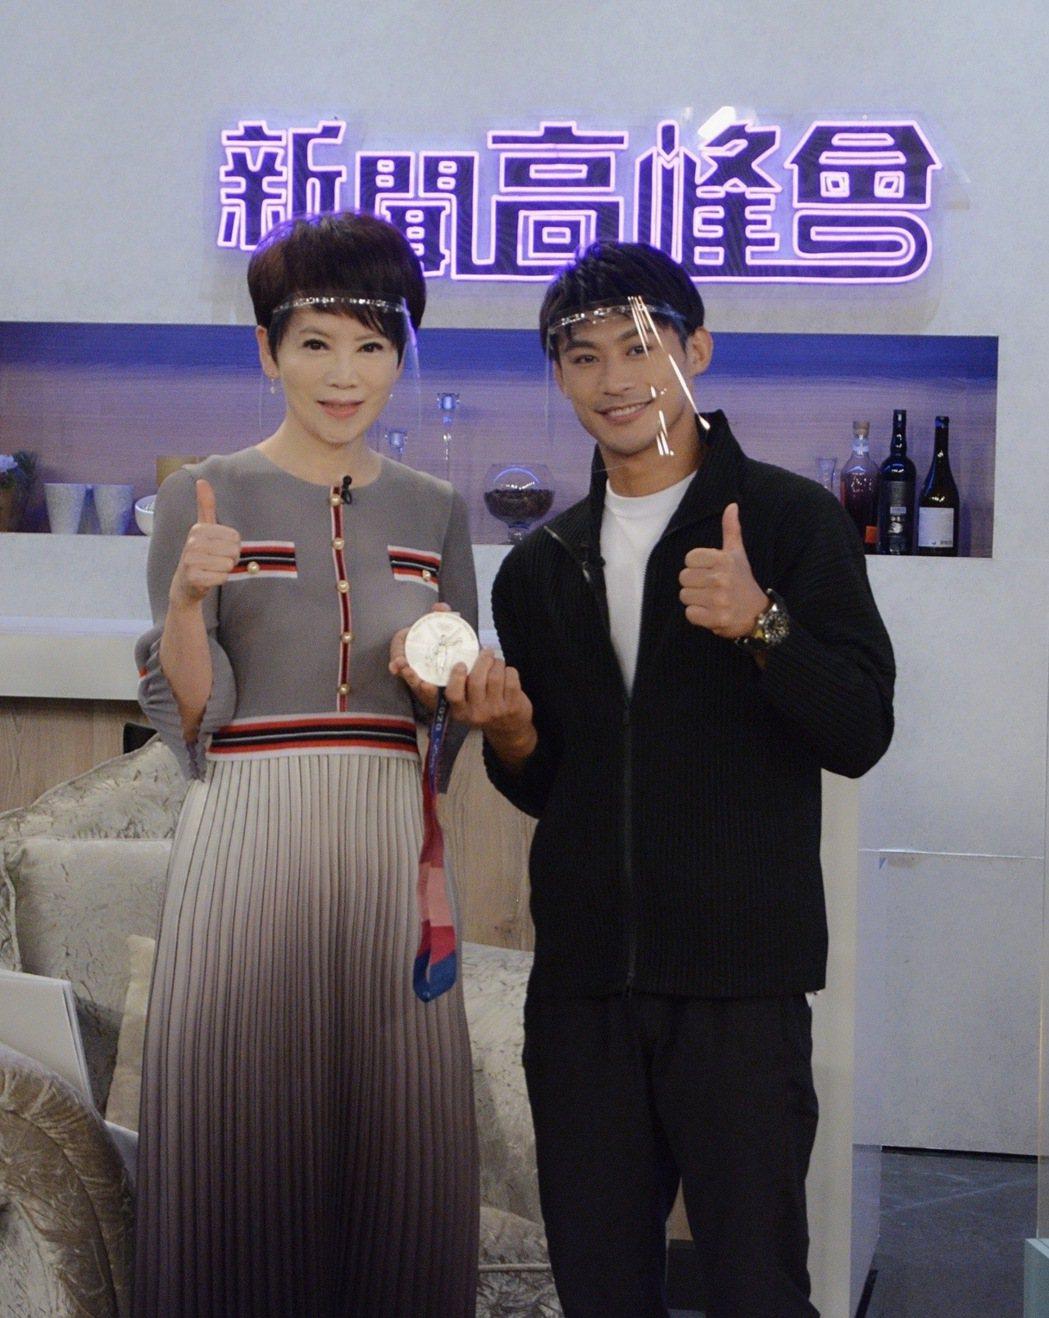 楊勇緯在節目中秀出銀牌。圖/華視提供